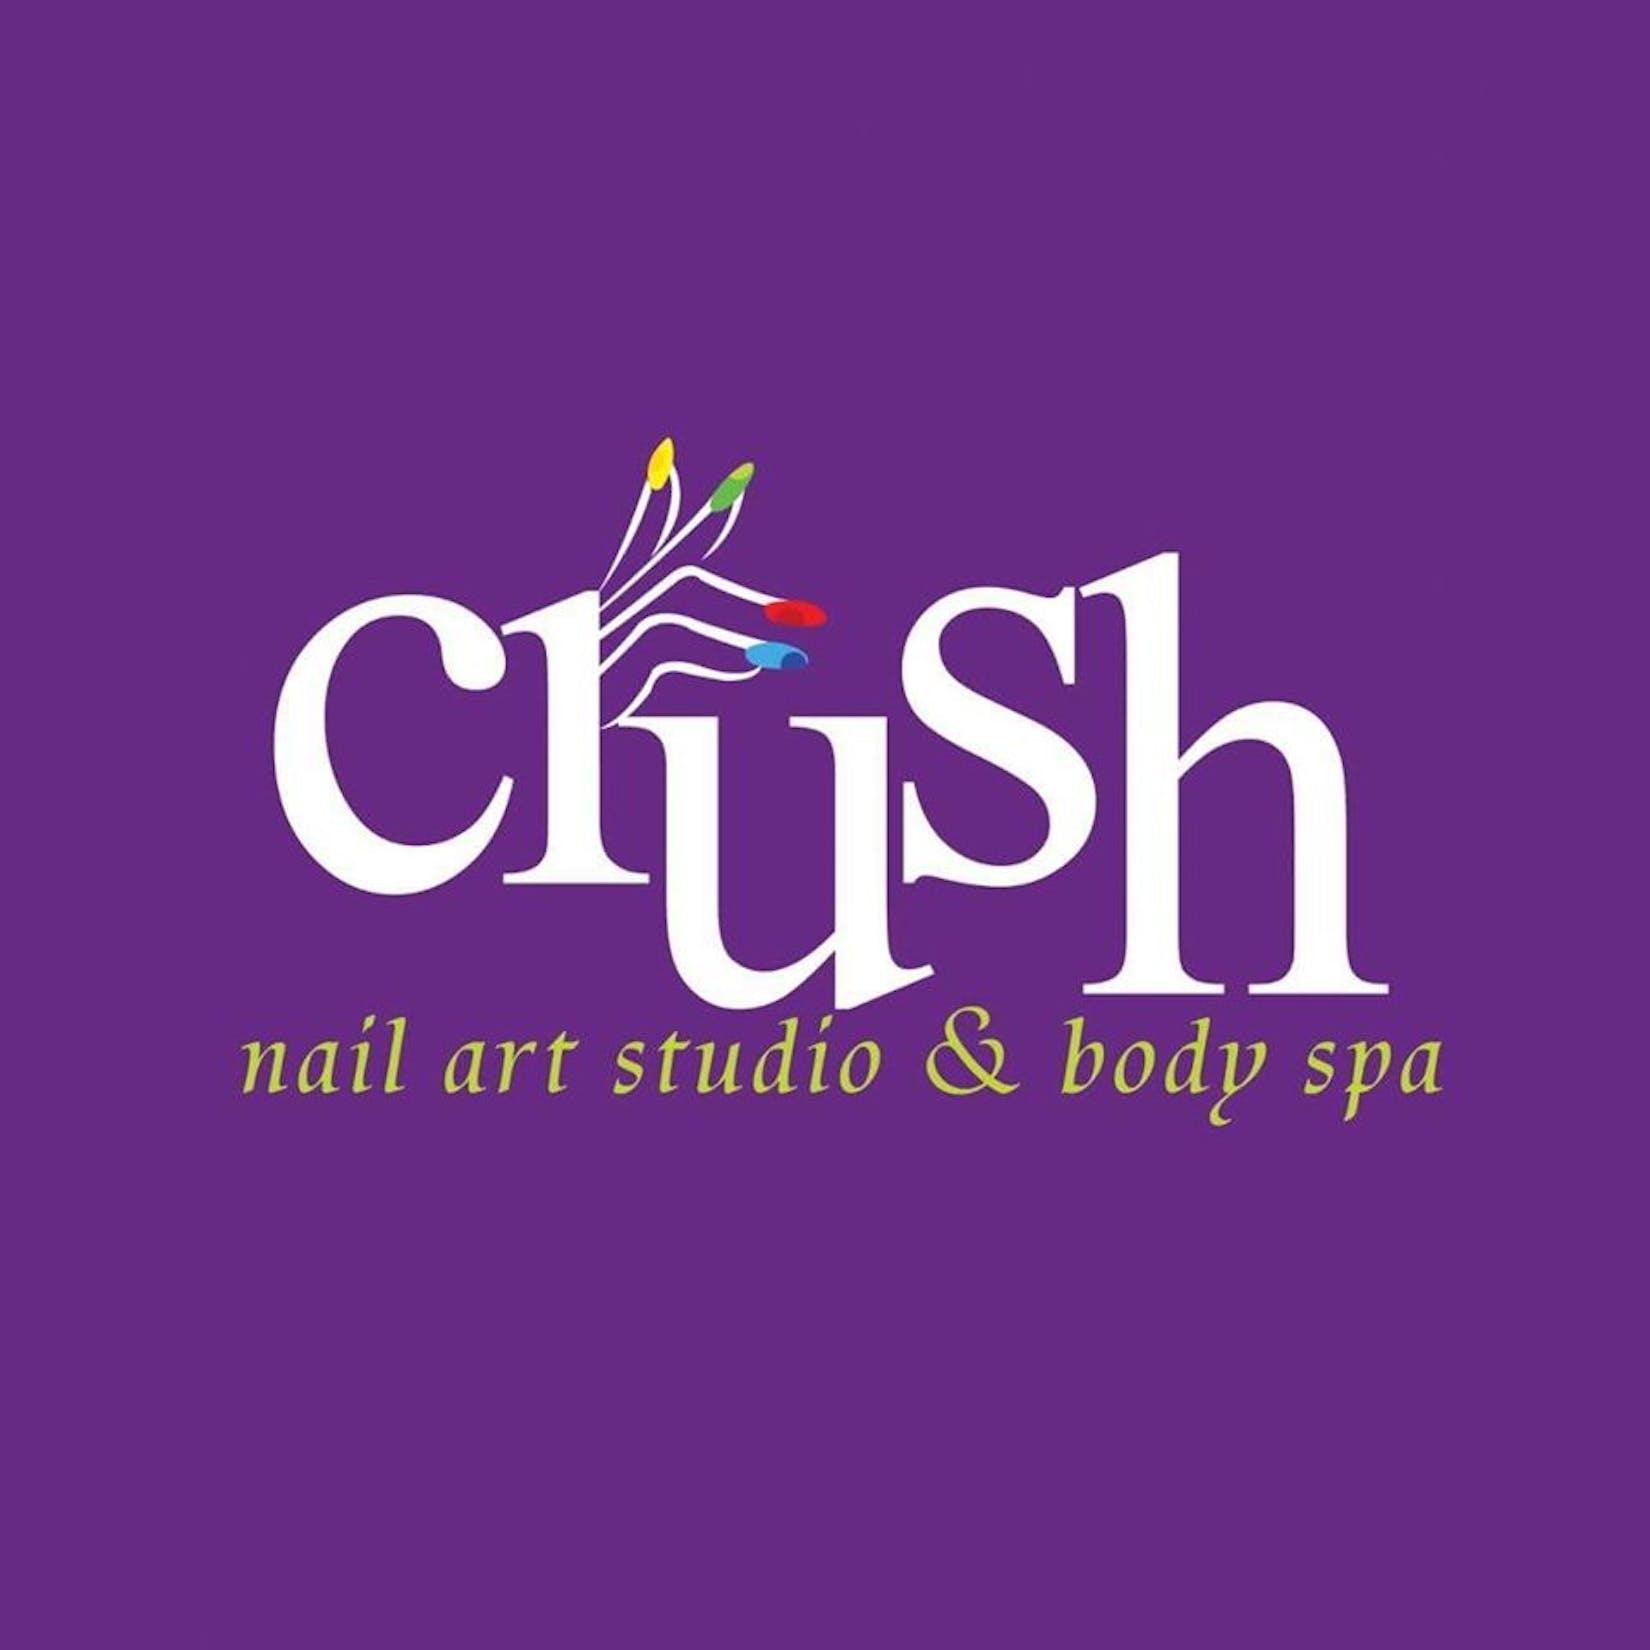 Crush Nail spa | Beauty